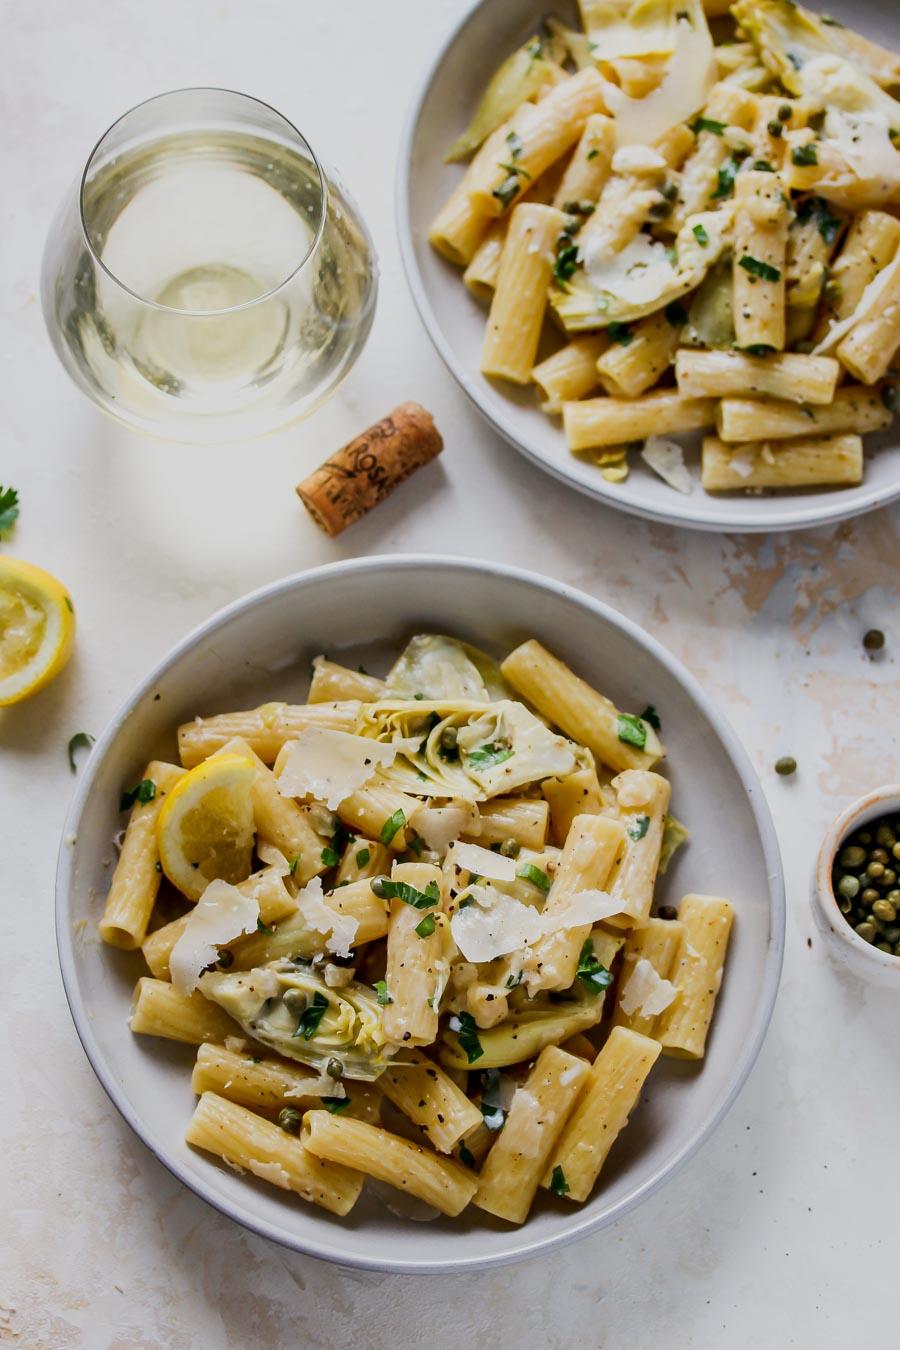 One Pot Lemon-Artichoke Piccata Pasta